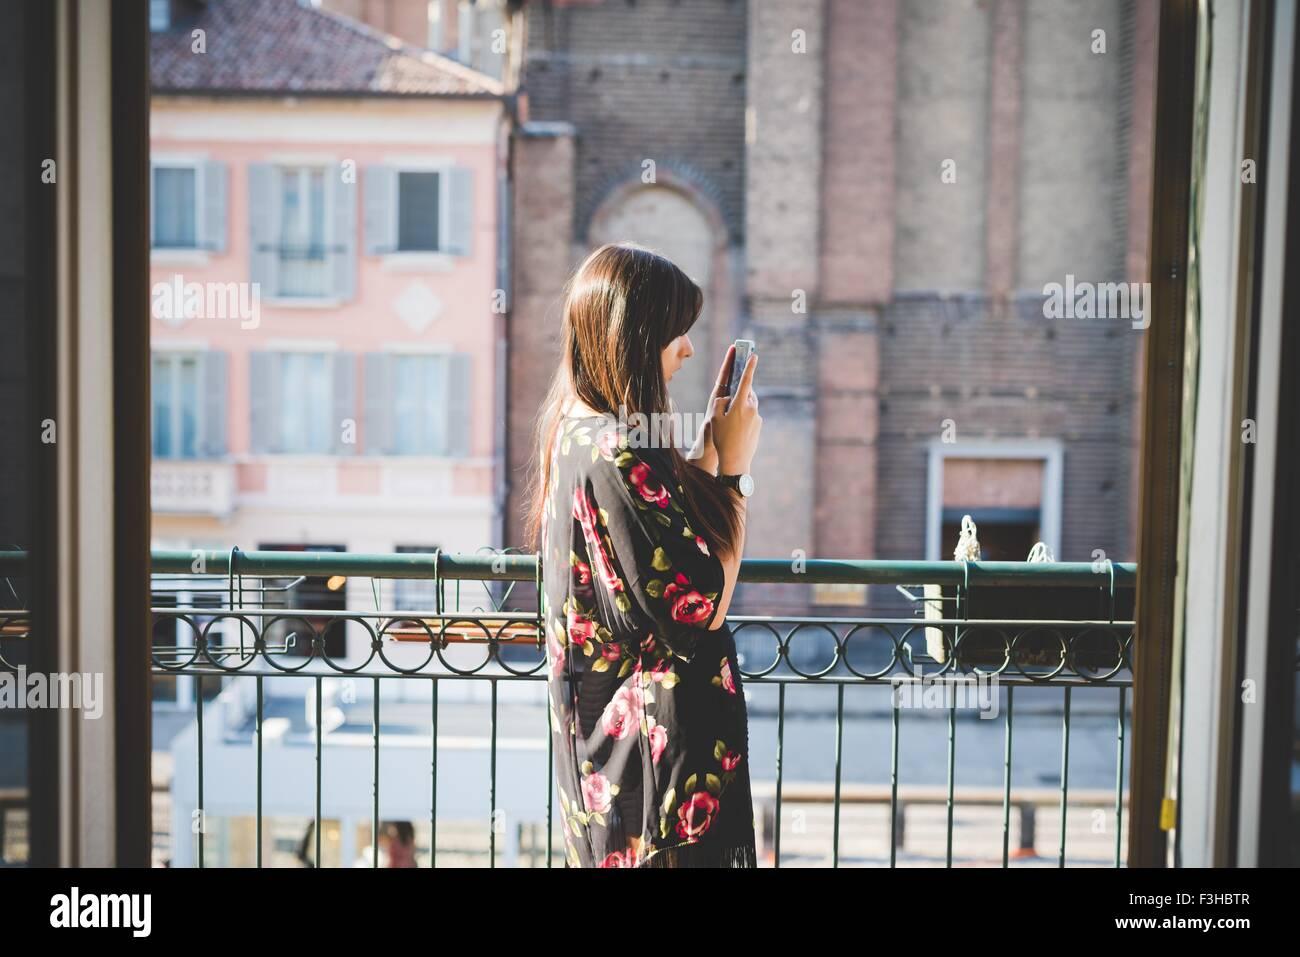 Giovane donna la lettura di testi di smartphone sul balcone della città Immagini Stock